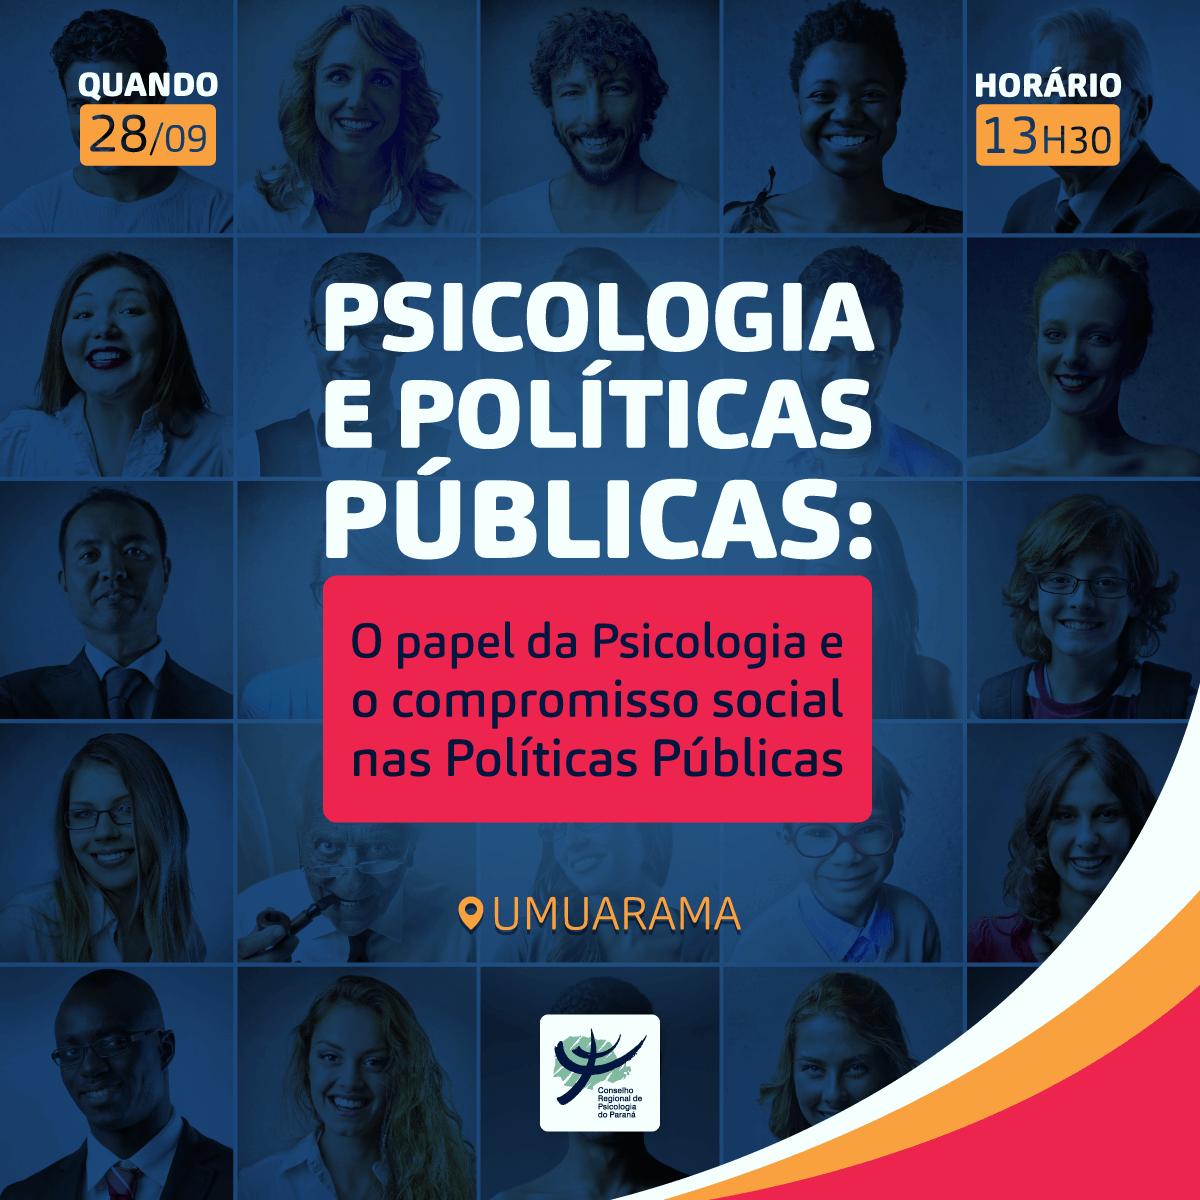 O papel da Psicologia e o compromisso social nas Políticas Públicas